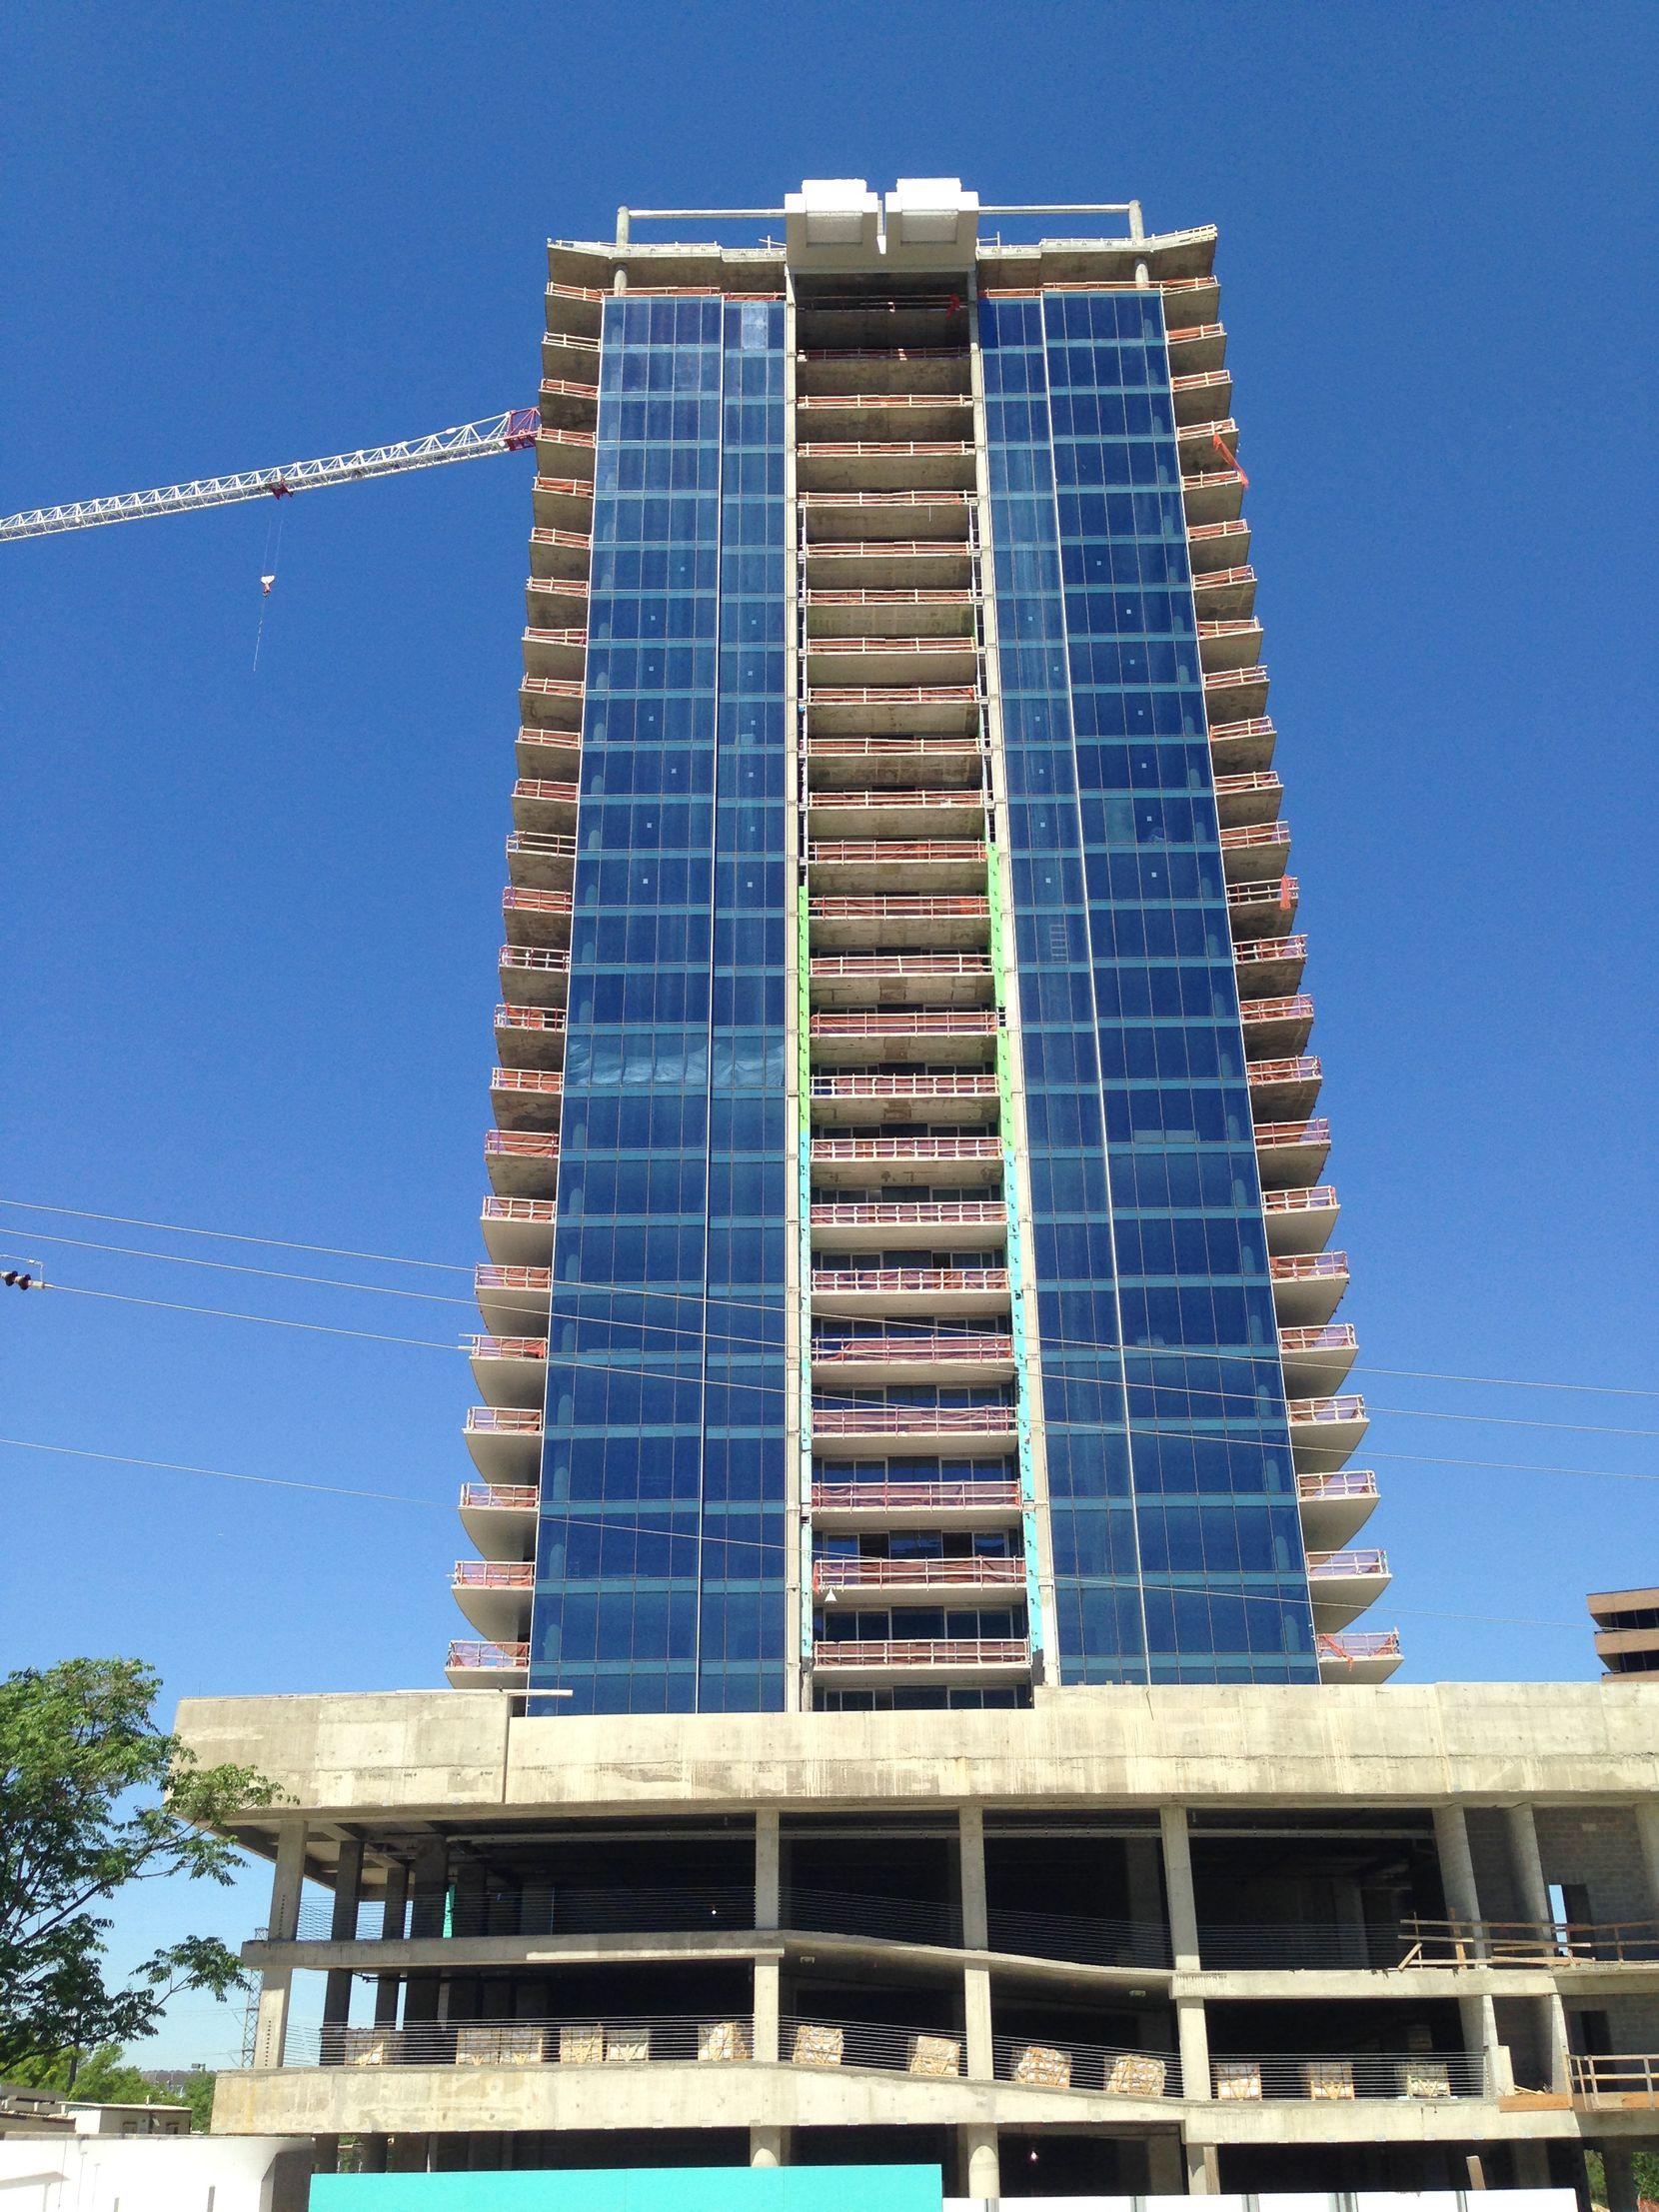 The Bleu Ciel tower has more than 150 condos.